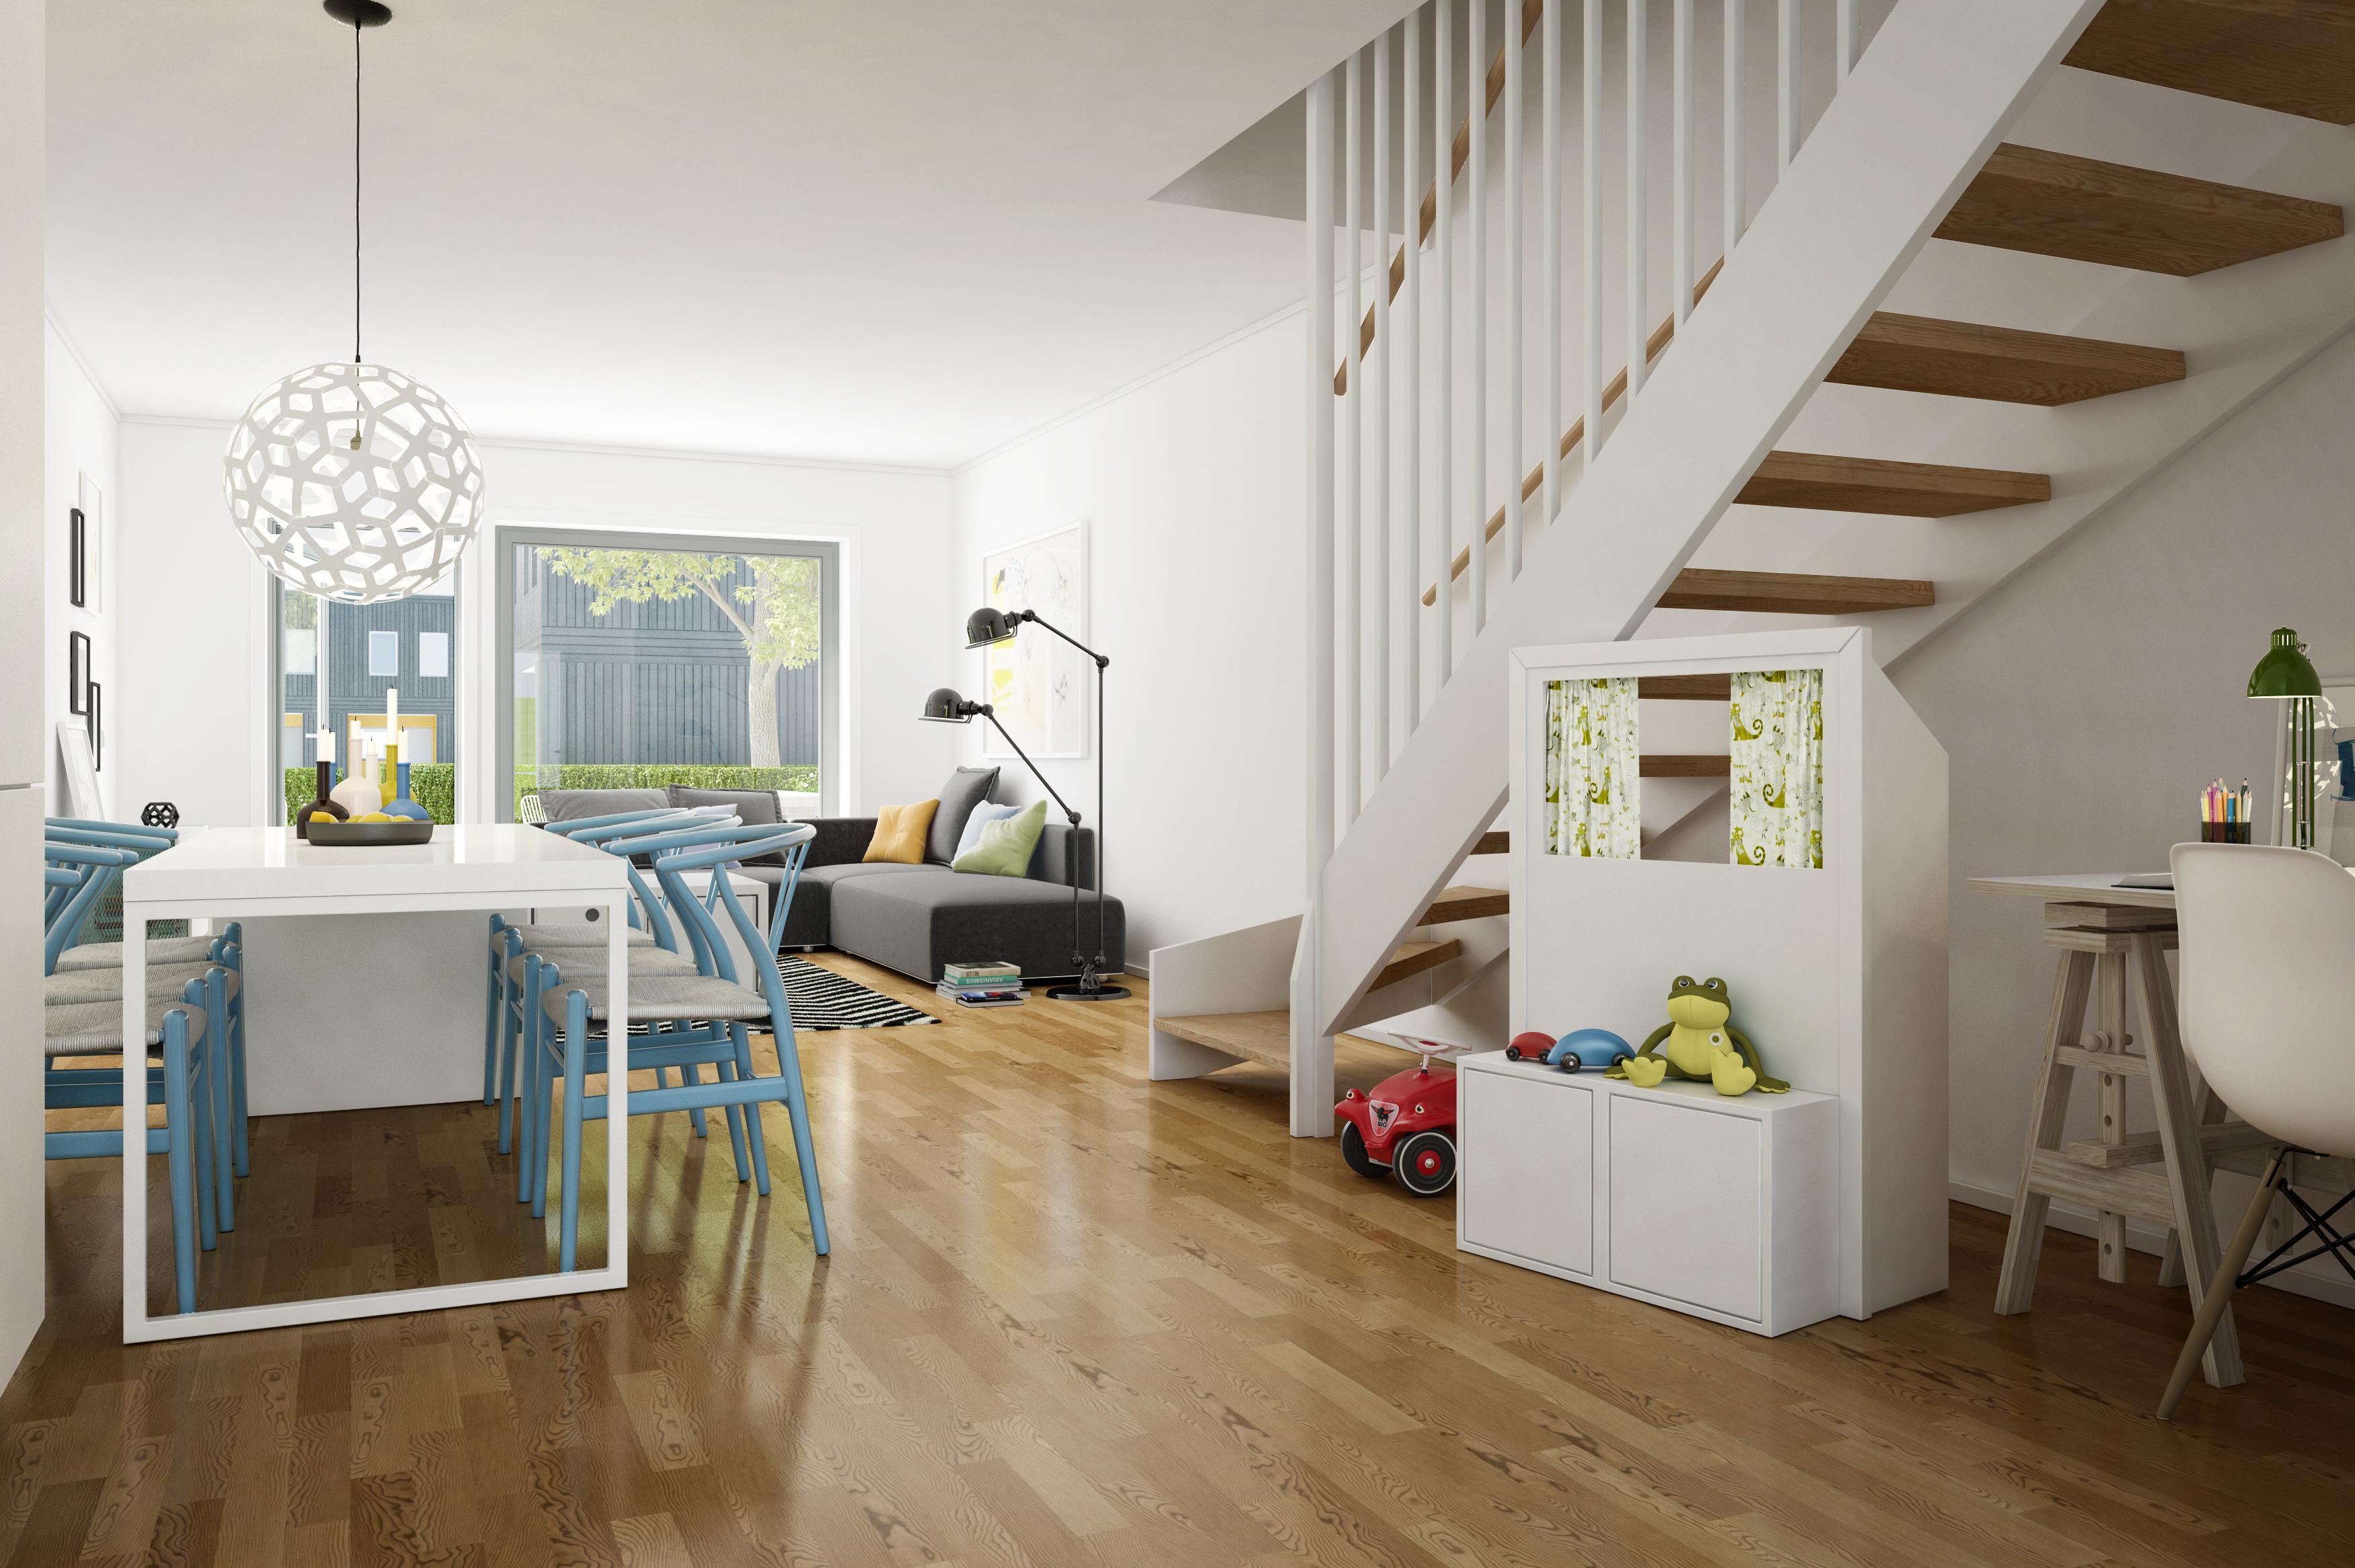 Innredningstips for små leiligheter | Selvaag Bolig